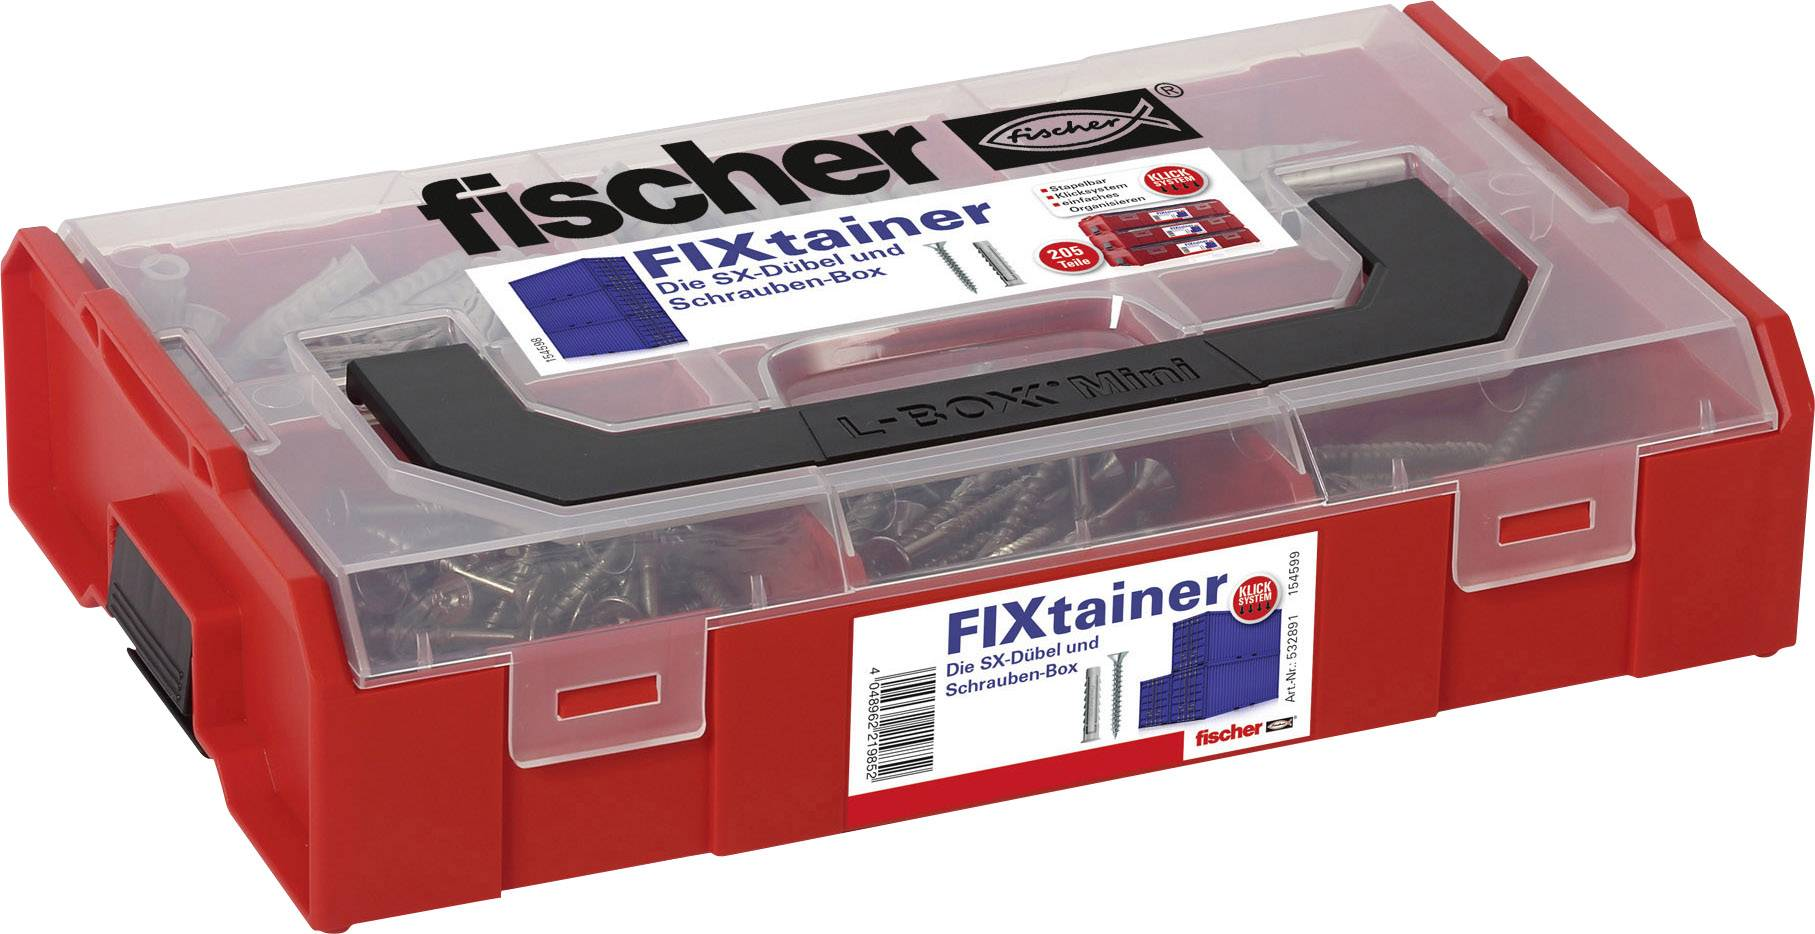 Innovativ Fischer 532891 FIXtainer - Die SX-Dübel und Schrauben-Box 210  BQ22